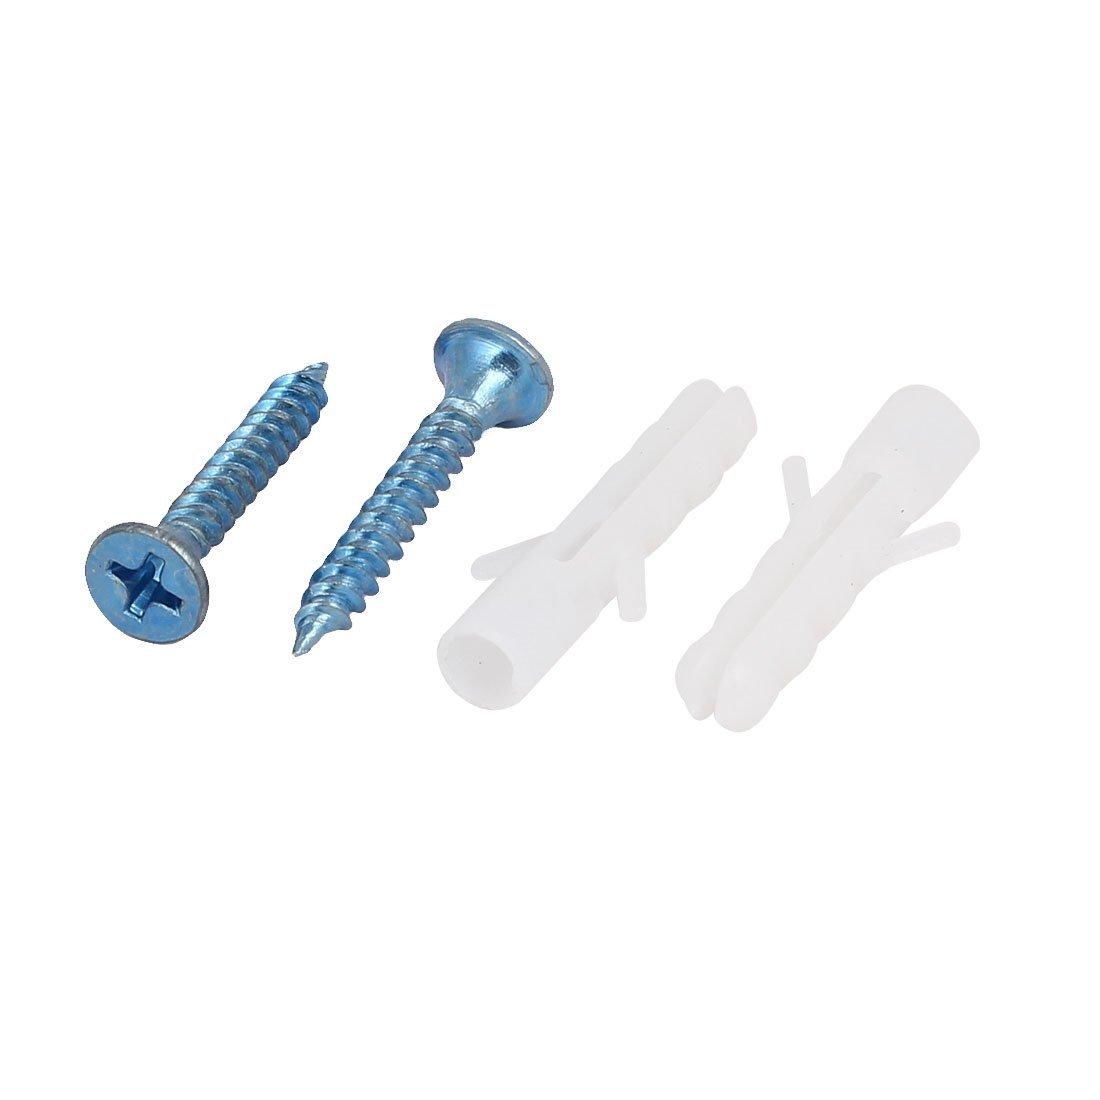 eDealMax M3x25mm Plastique Expansion mur Frame Ancres w Vis 100 Sets autotaraudeuses